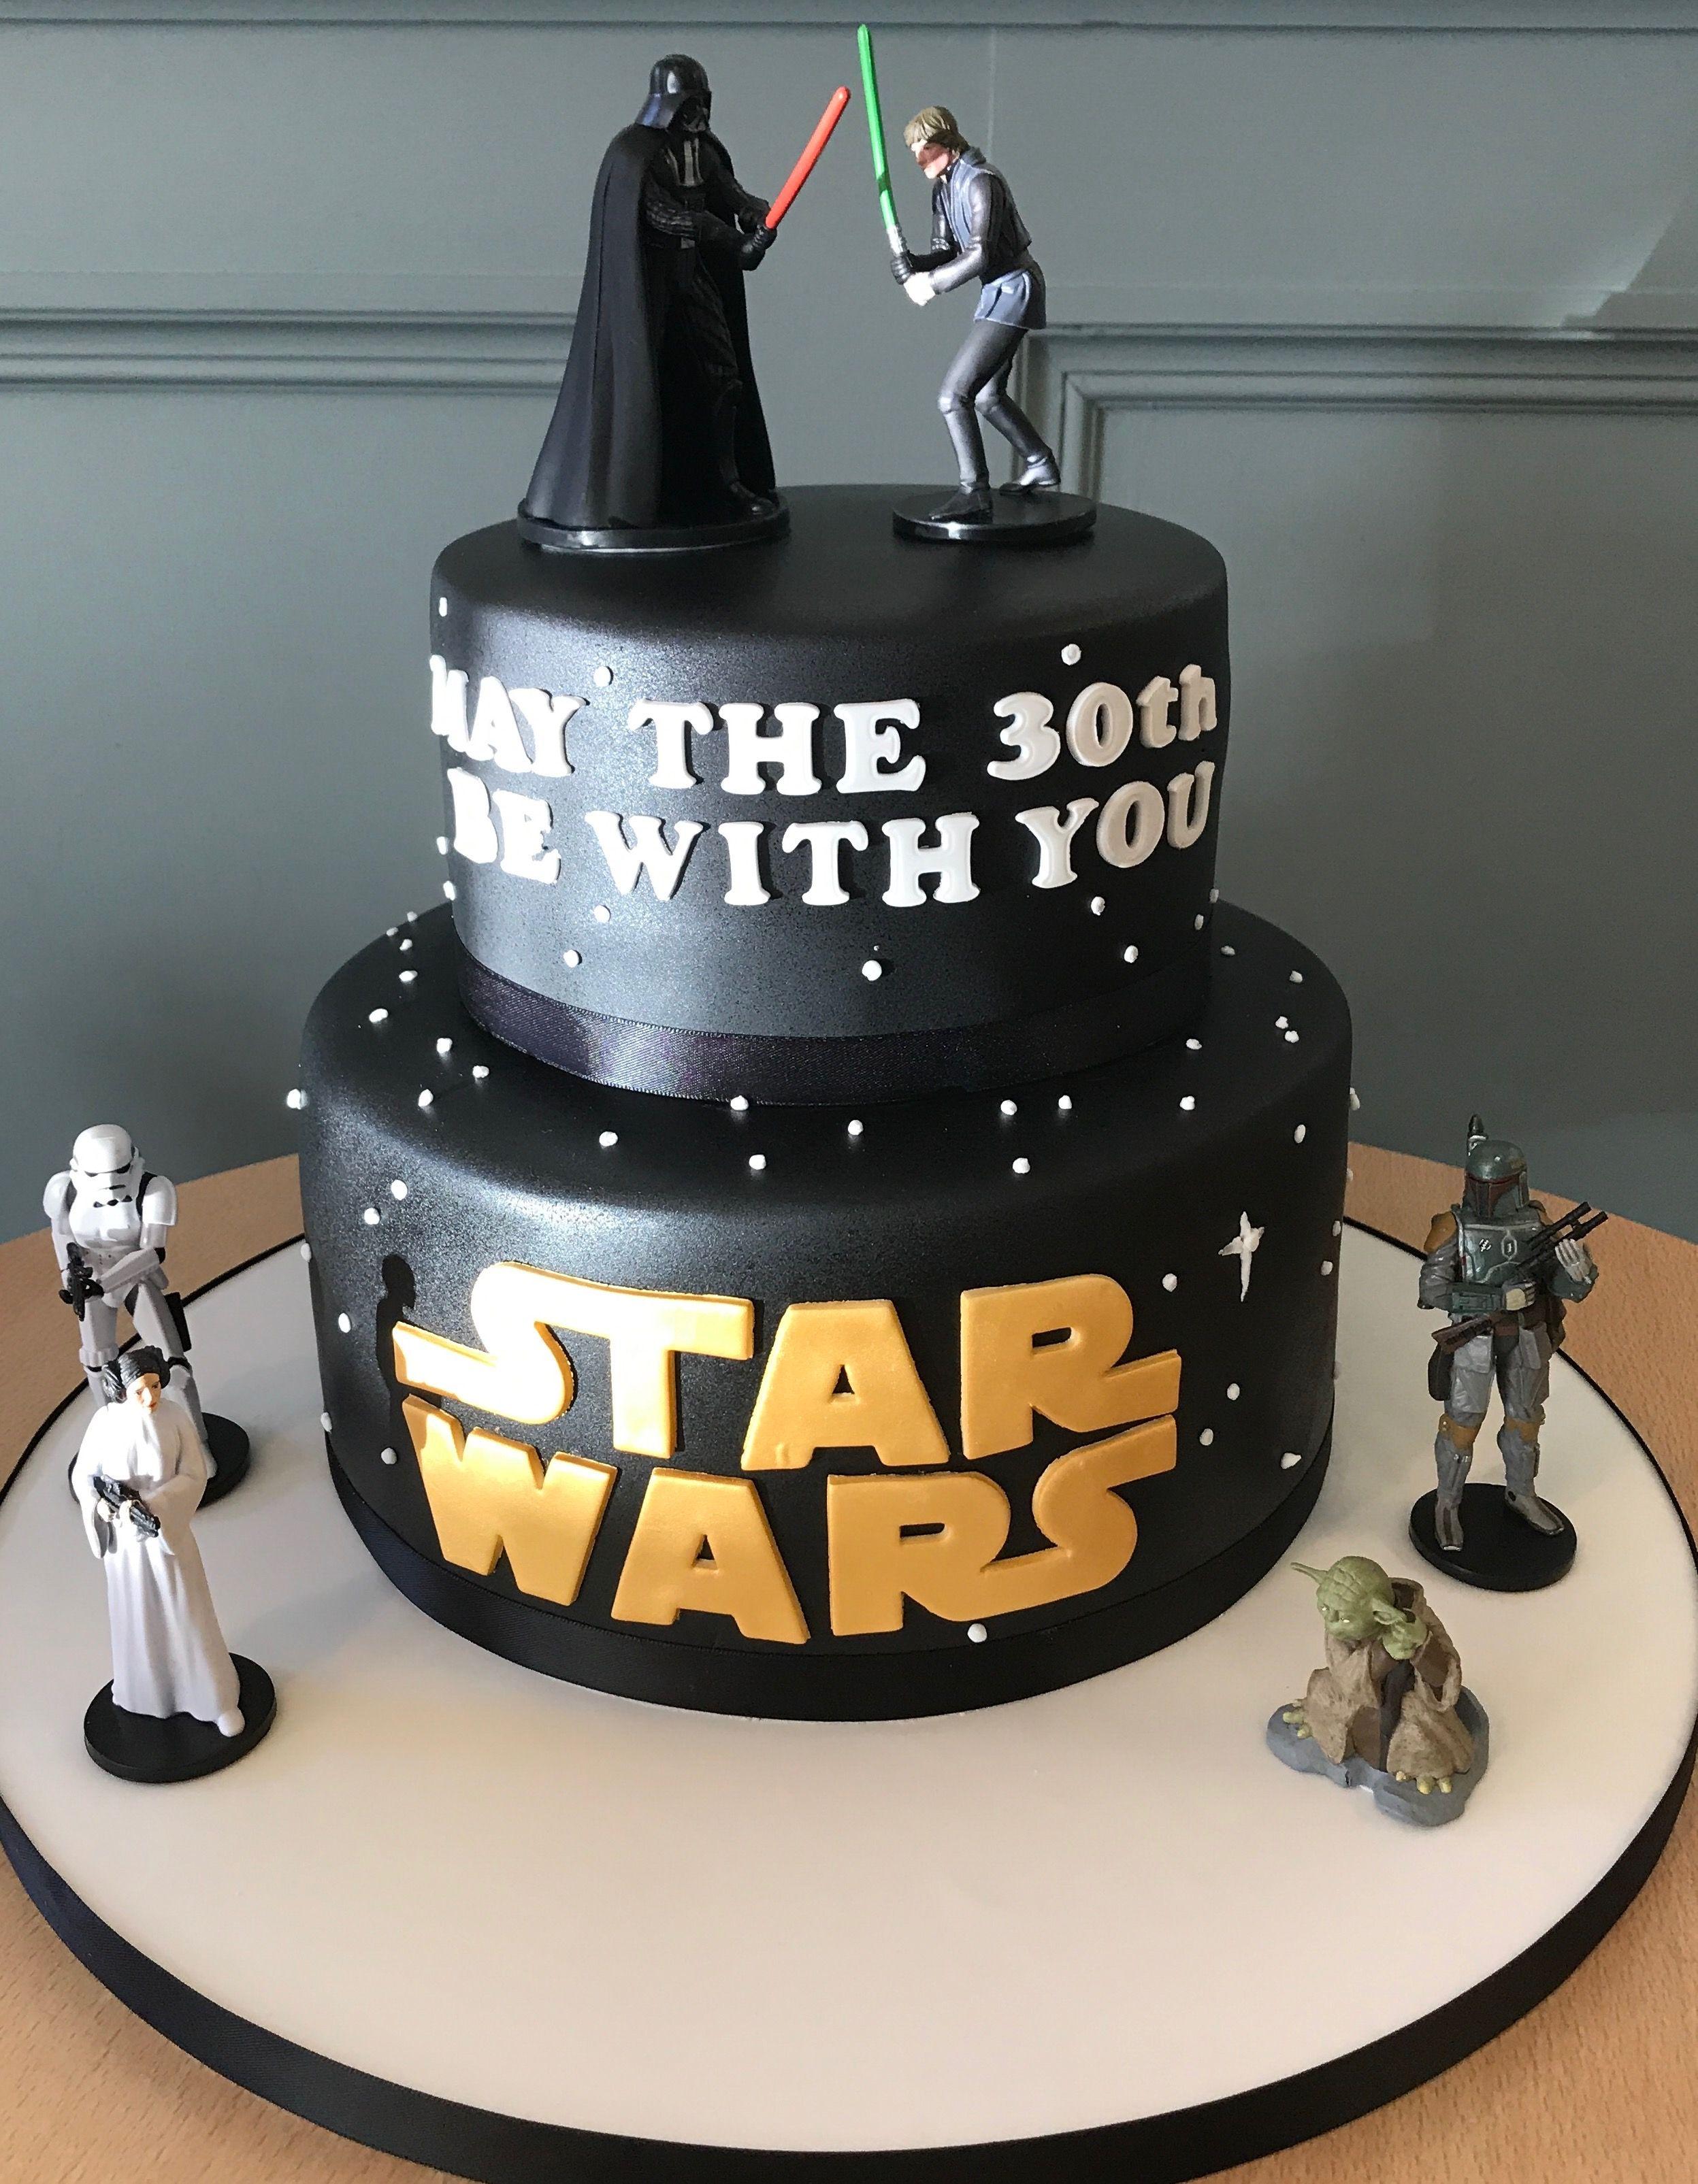 Pin by kathleen lewenec on kathys cakes star wars cake